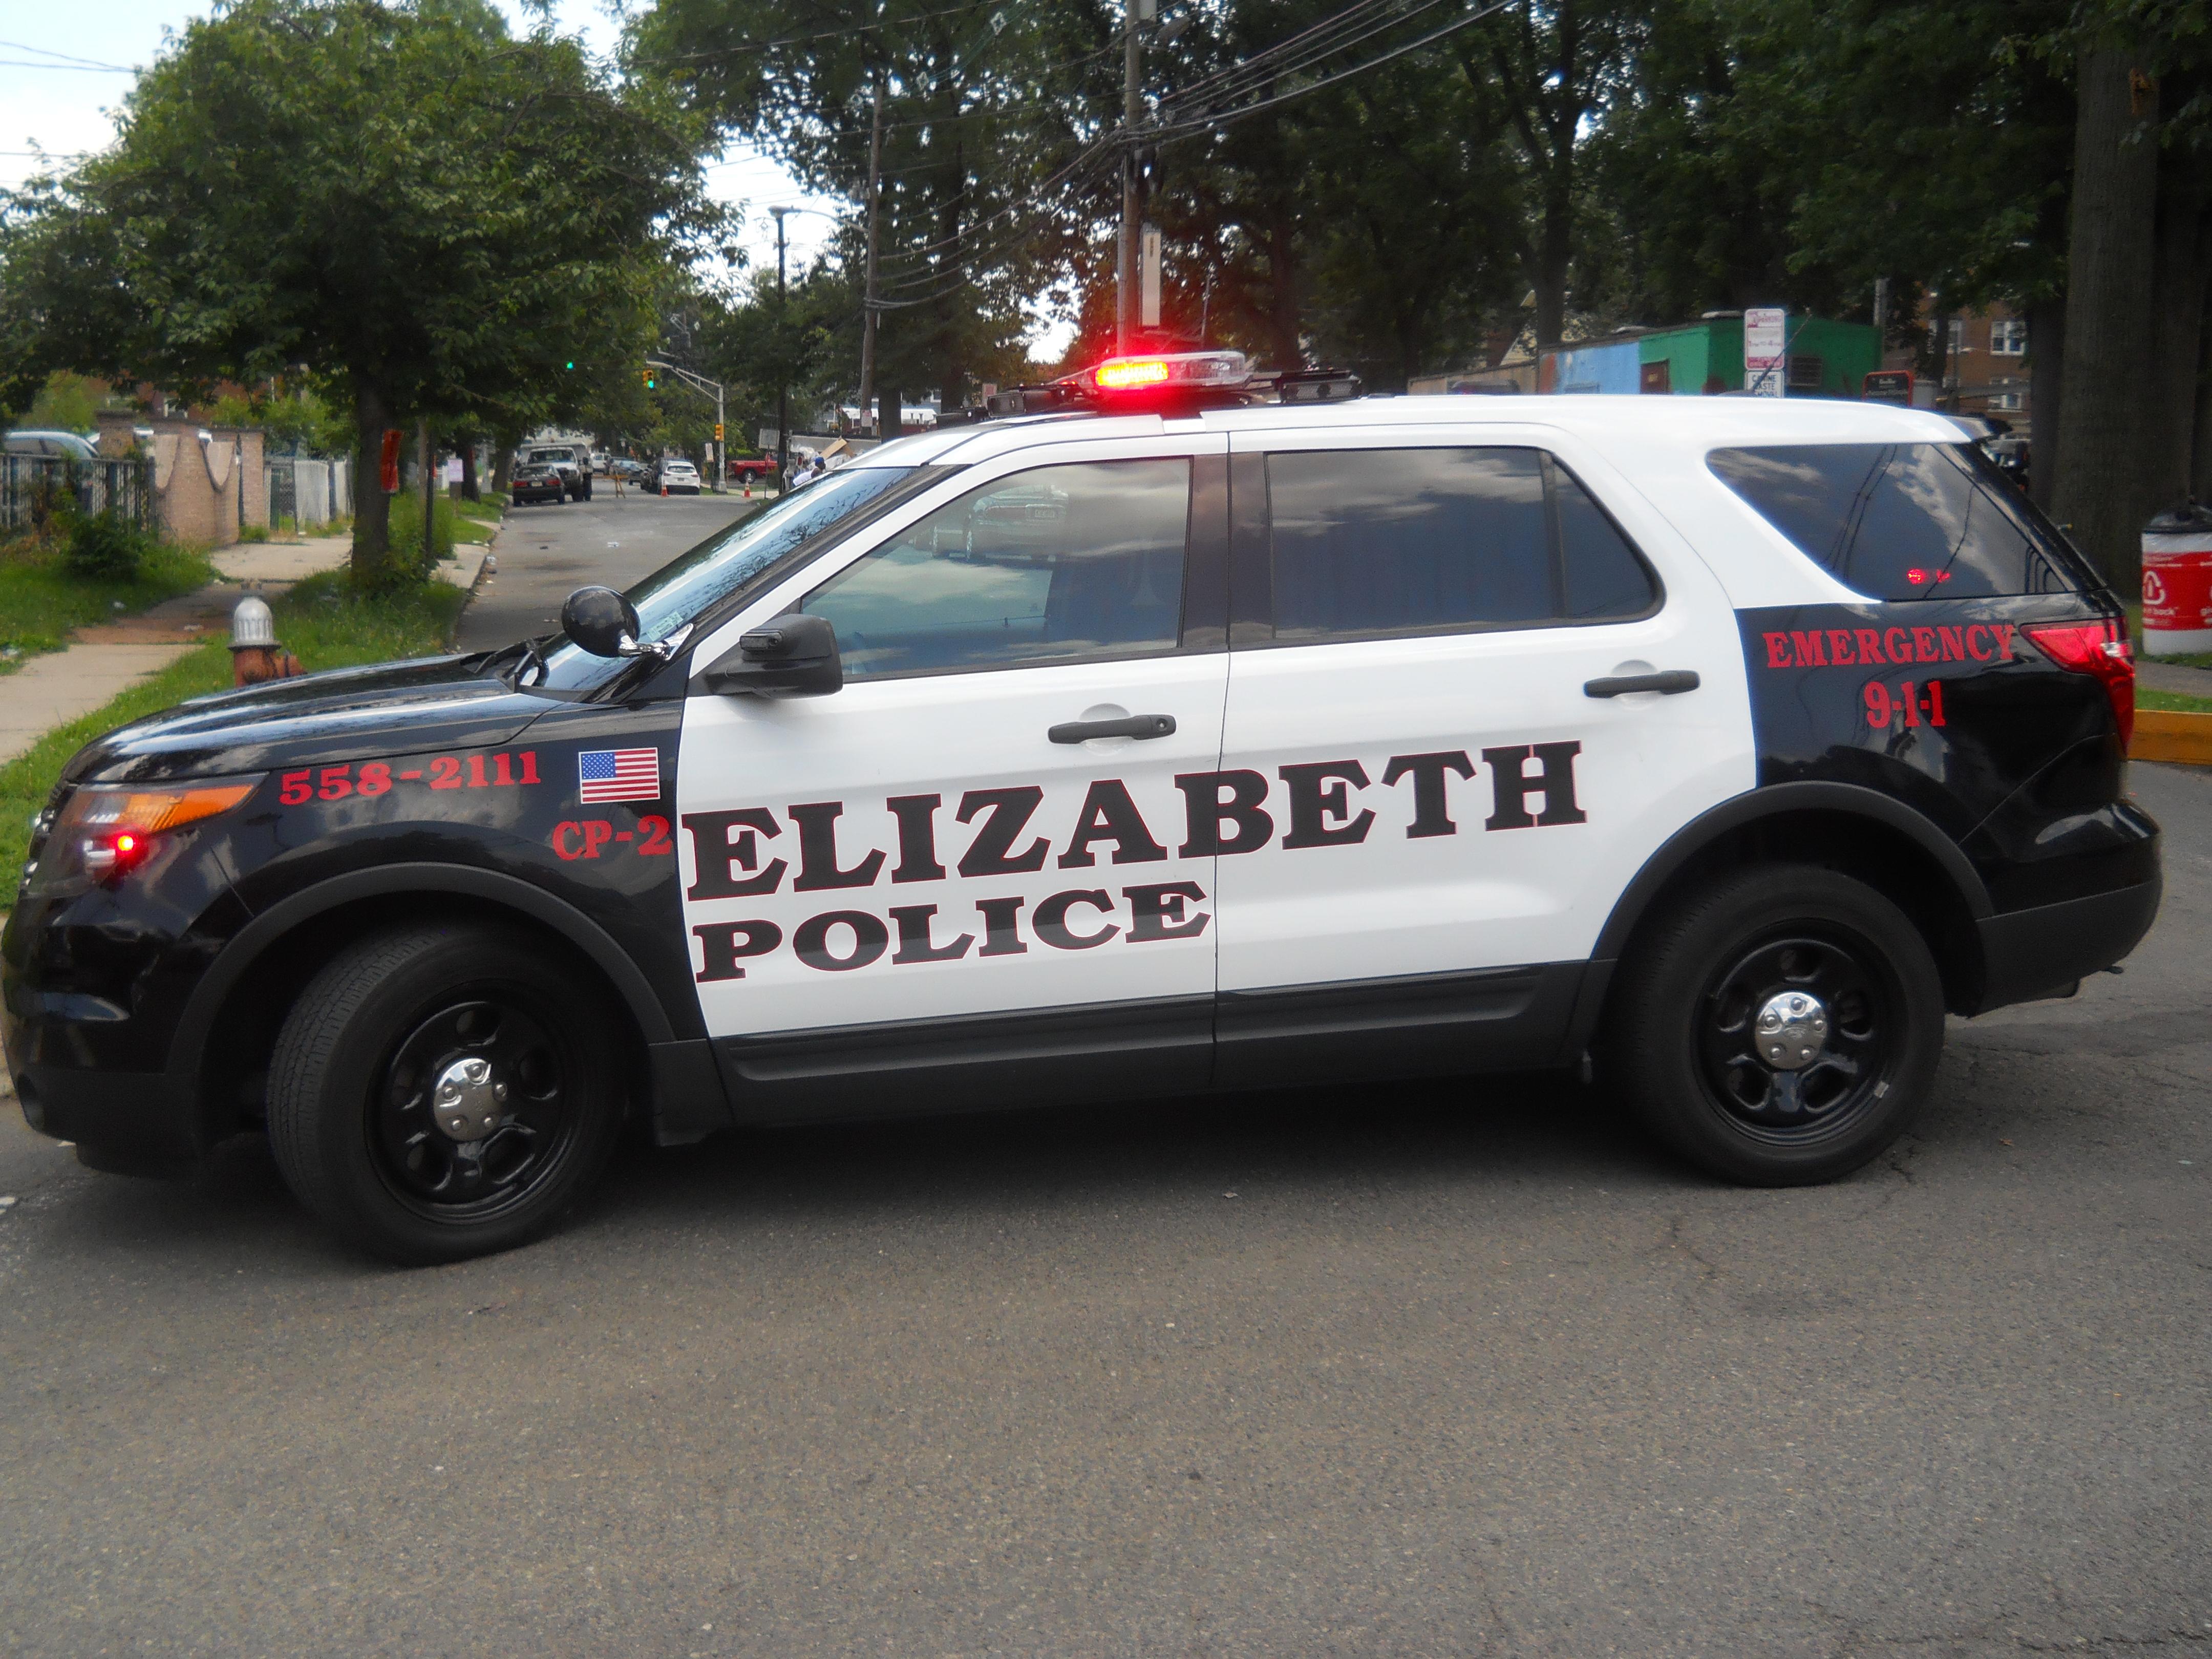 36e987ee264577d0c749_Police_Car.jpg